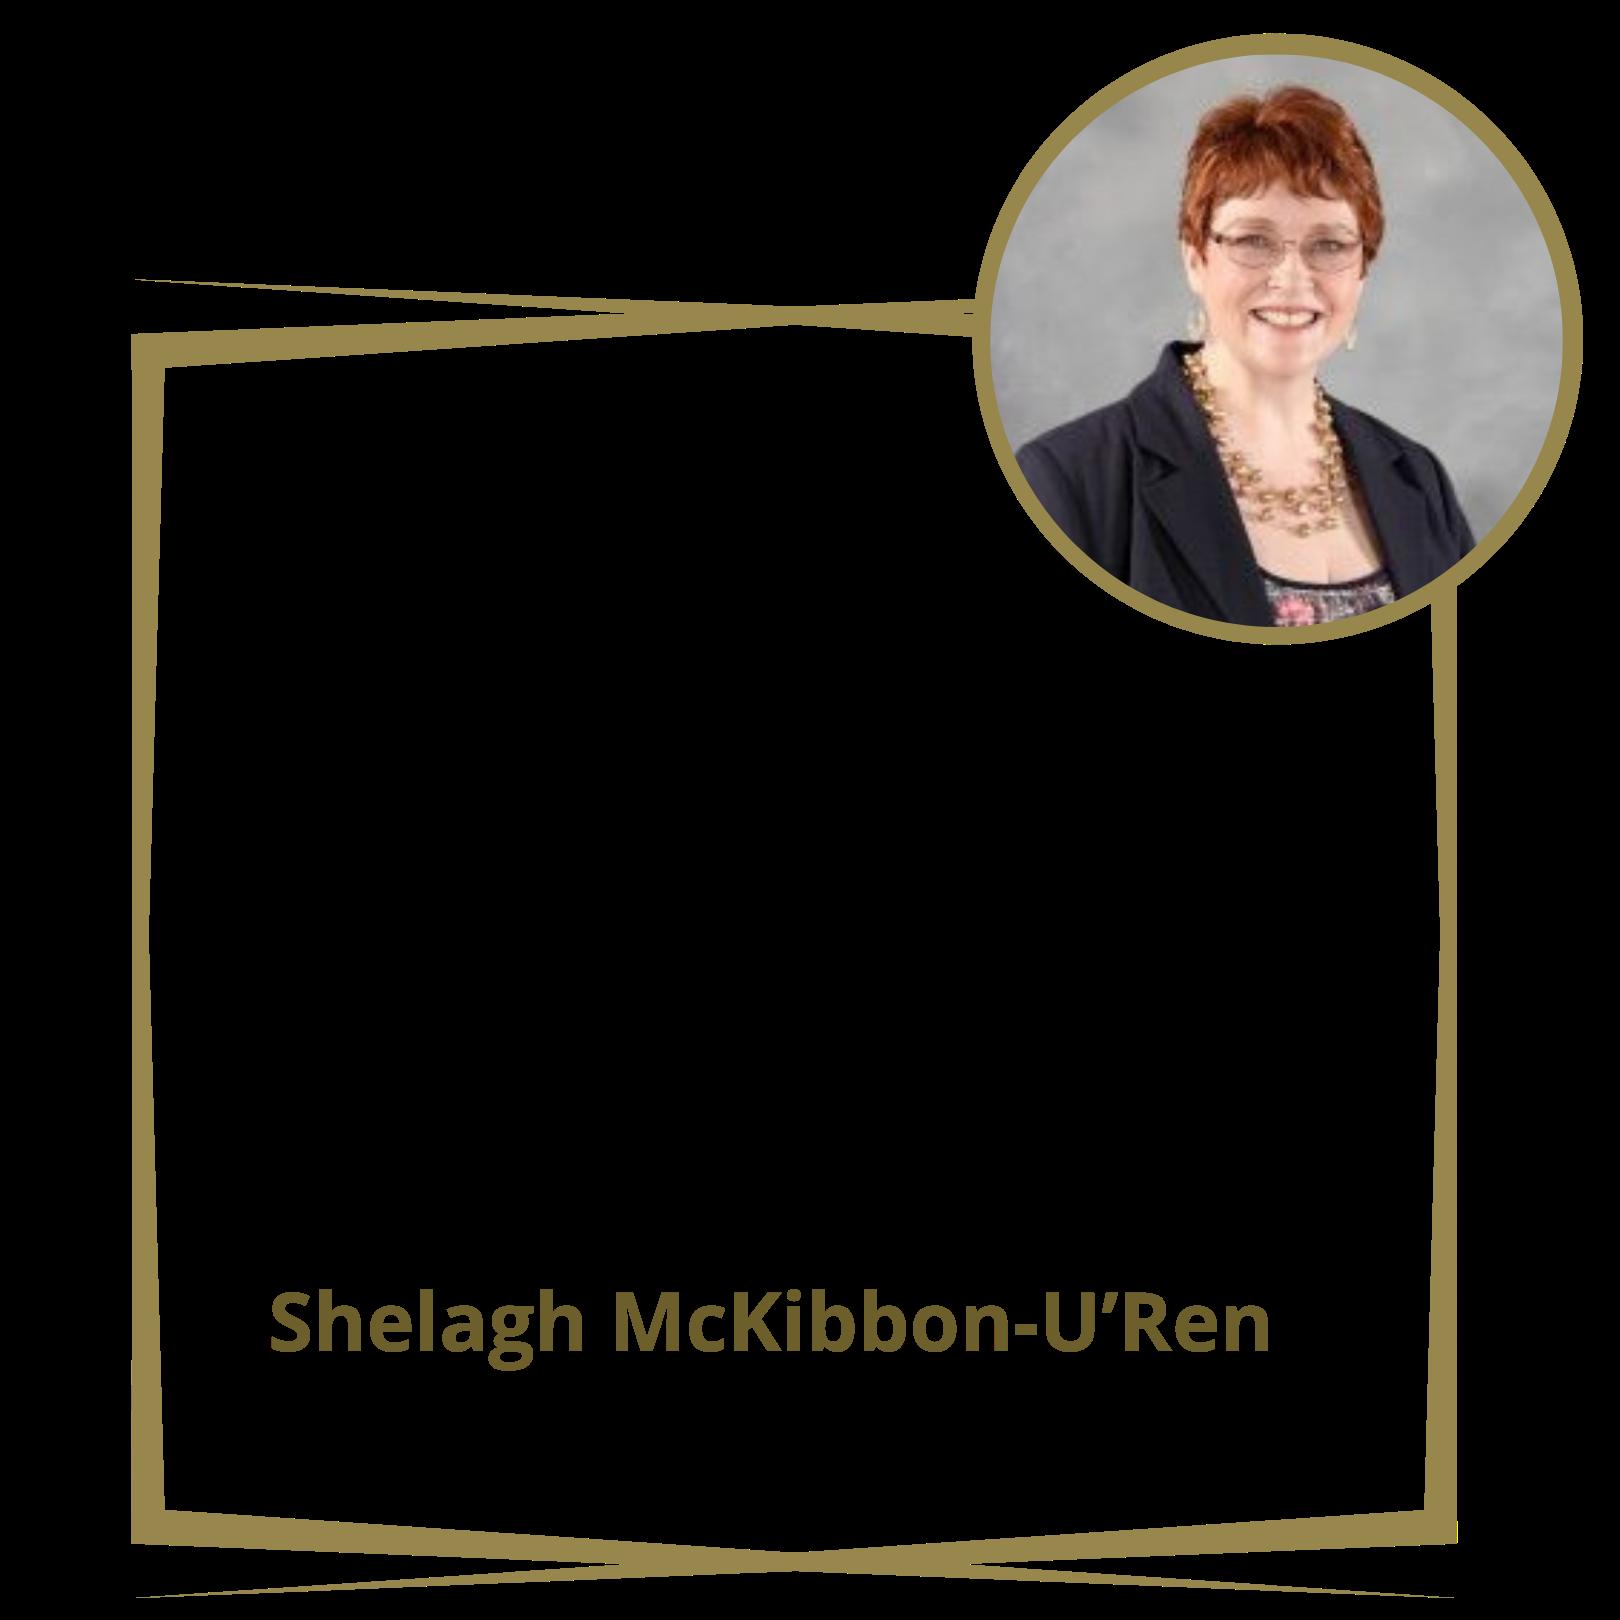 2 - Shelagh McKibbon-U'Ren